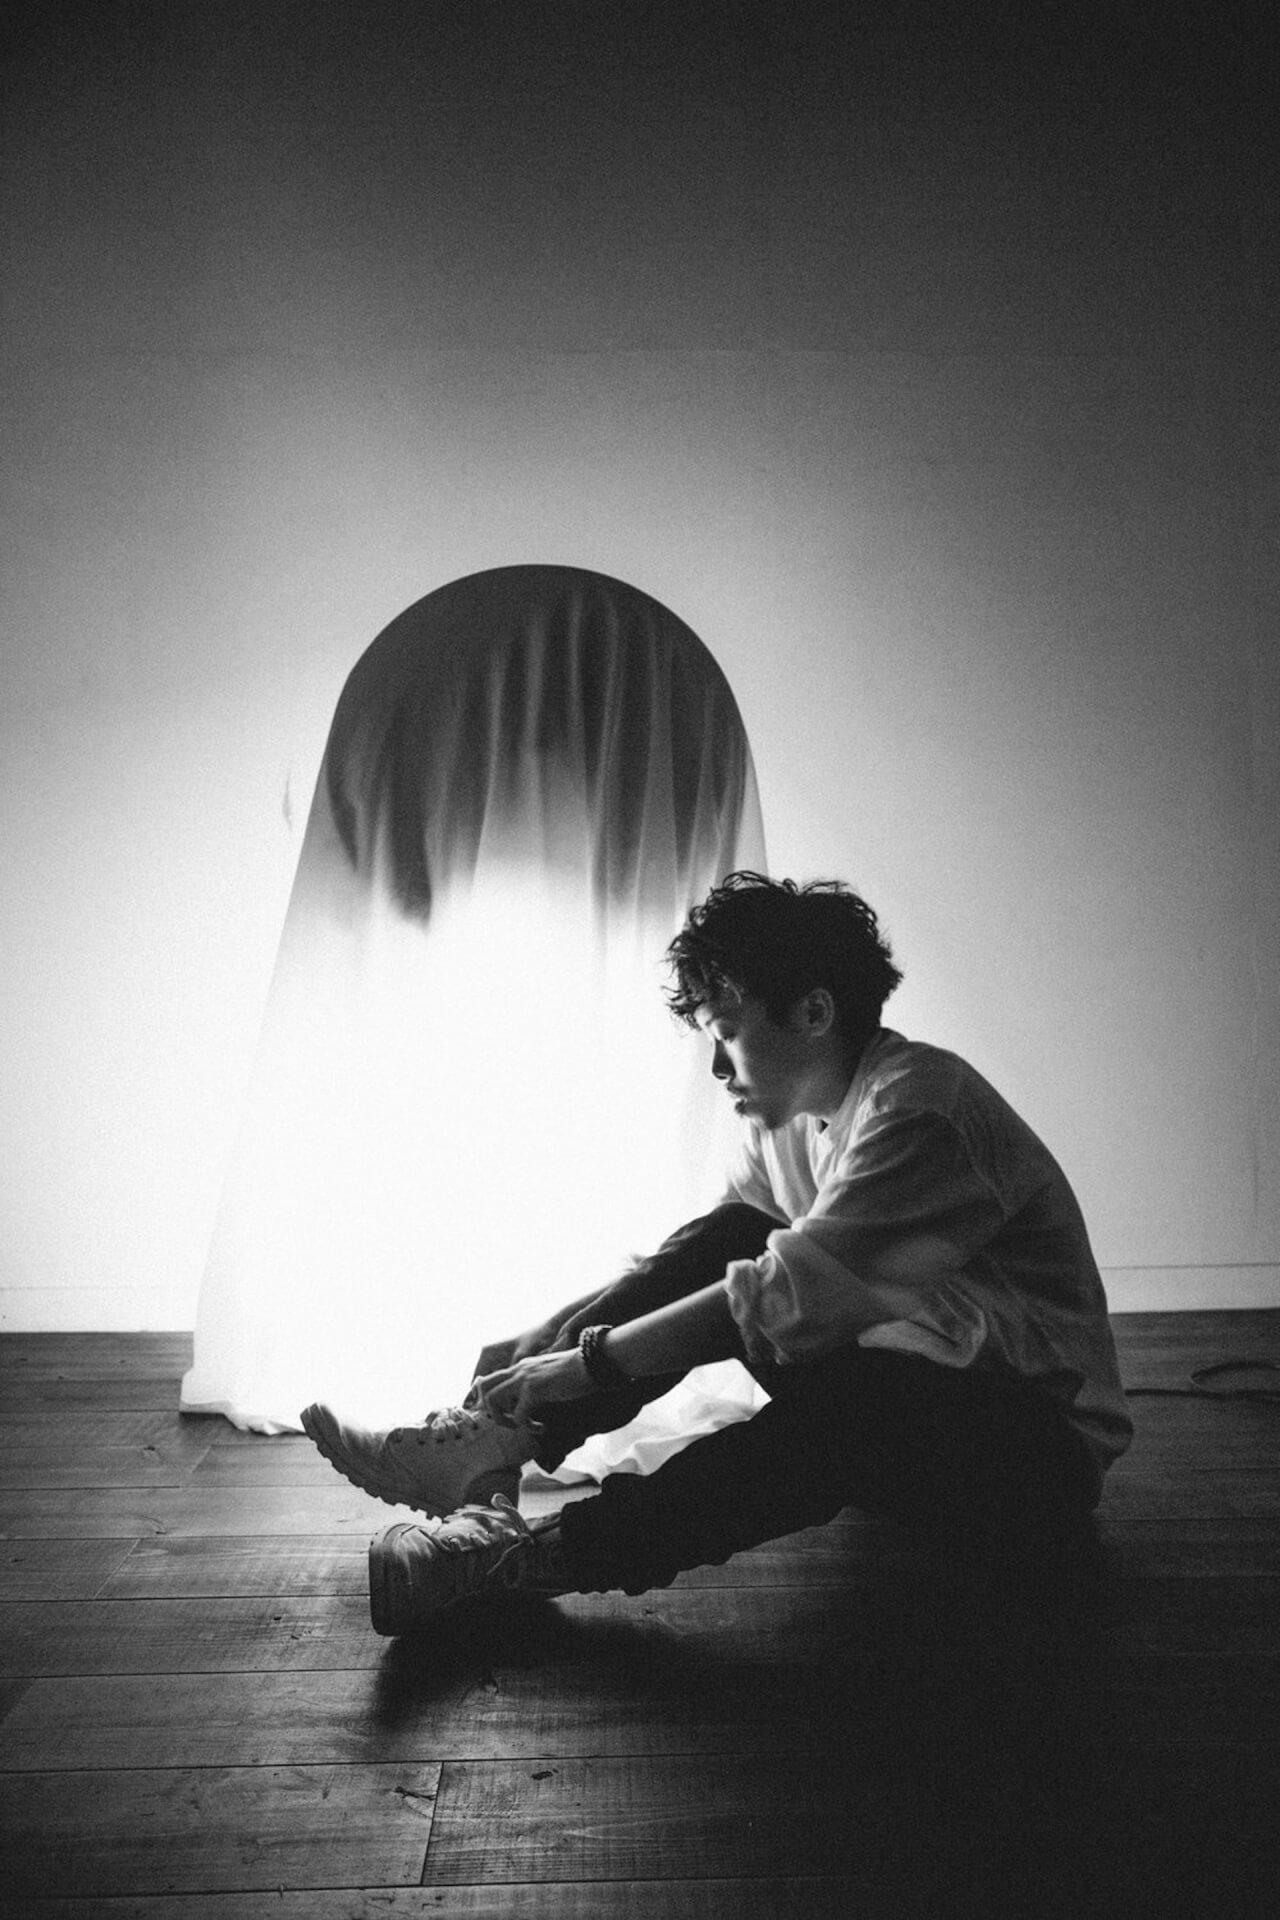 """常田大希がアンバサダーを務めるadidasのCMに起用されたmillennium parade新曲""""Philip""""のアートワーク解禁&MV公開も決定! music200928_millenniumparade_1"""